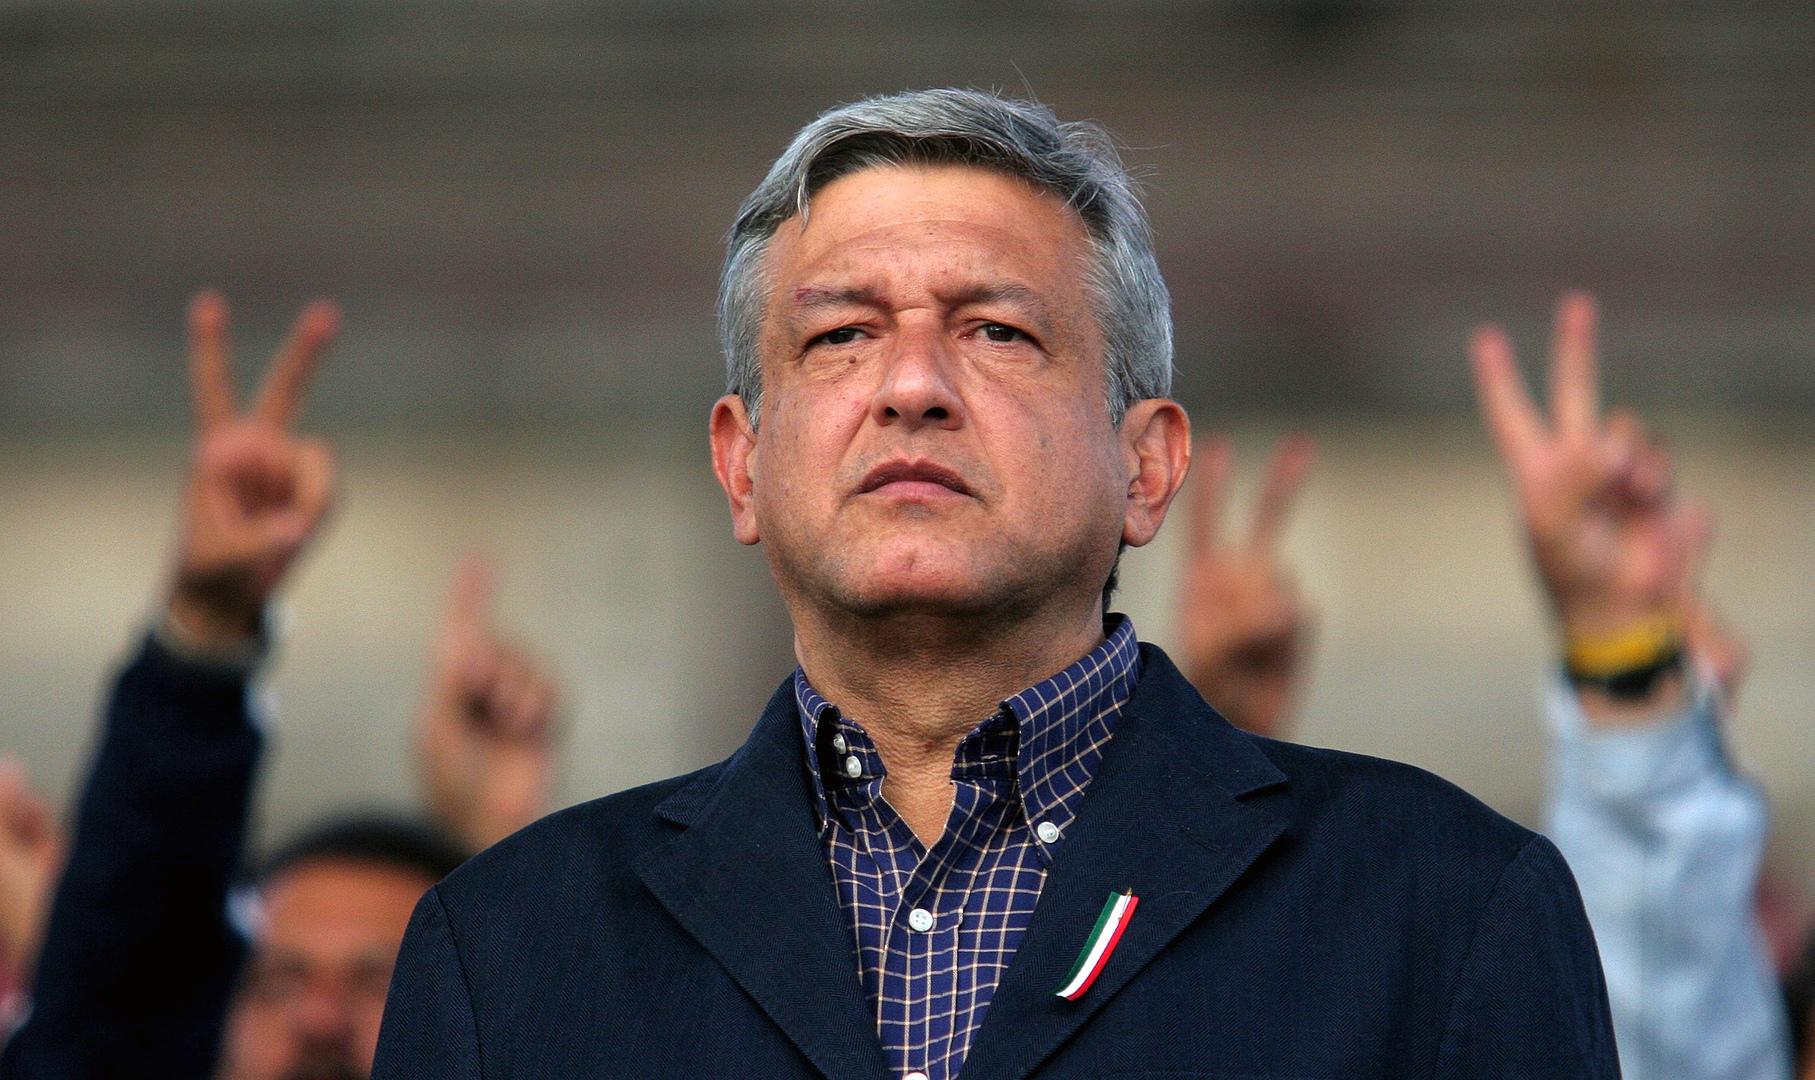 الرئيس المكسيكي يتهم وسائل الإعلام الغربية بدعم